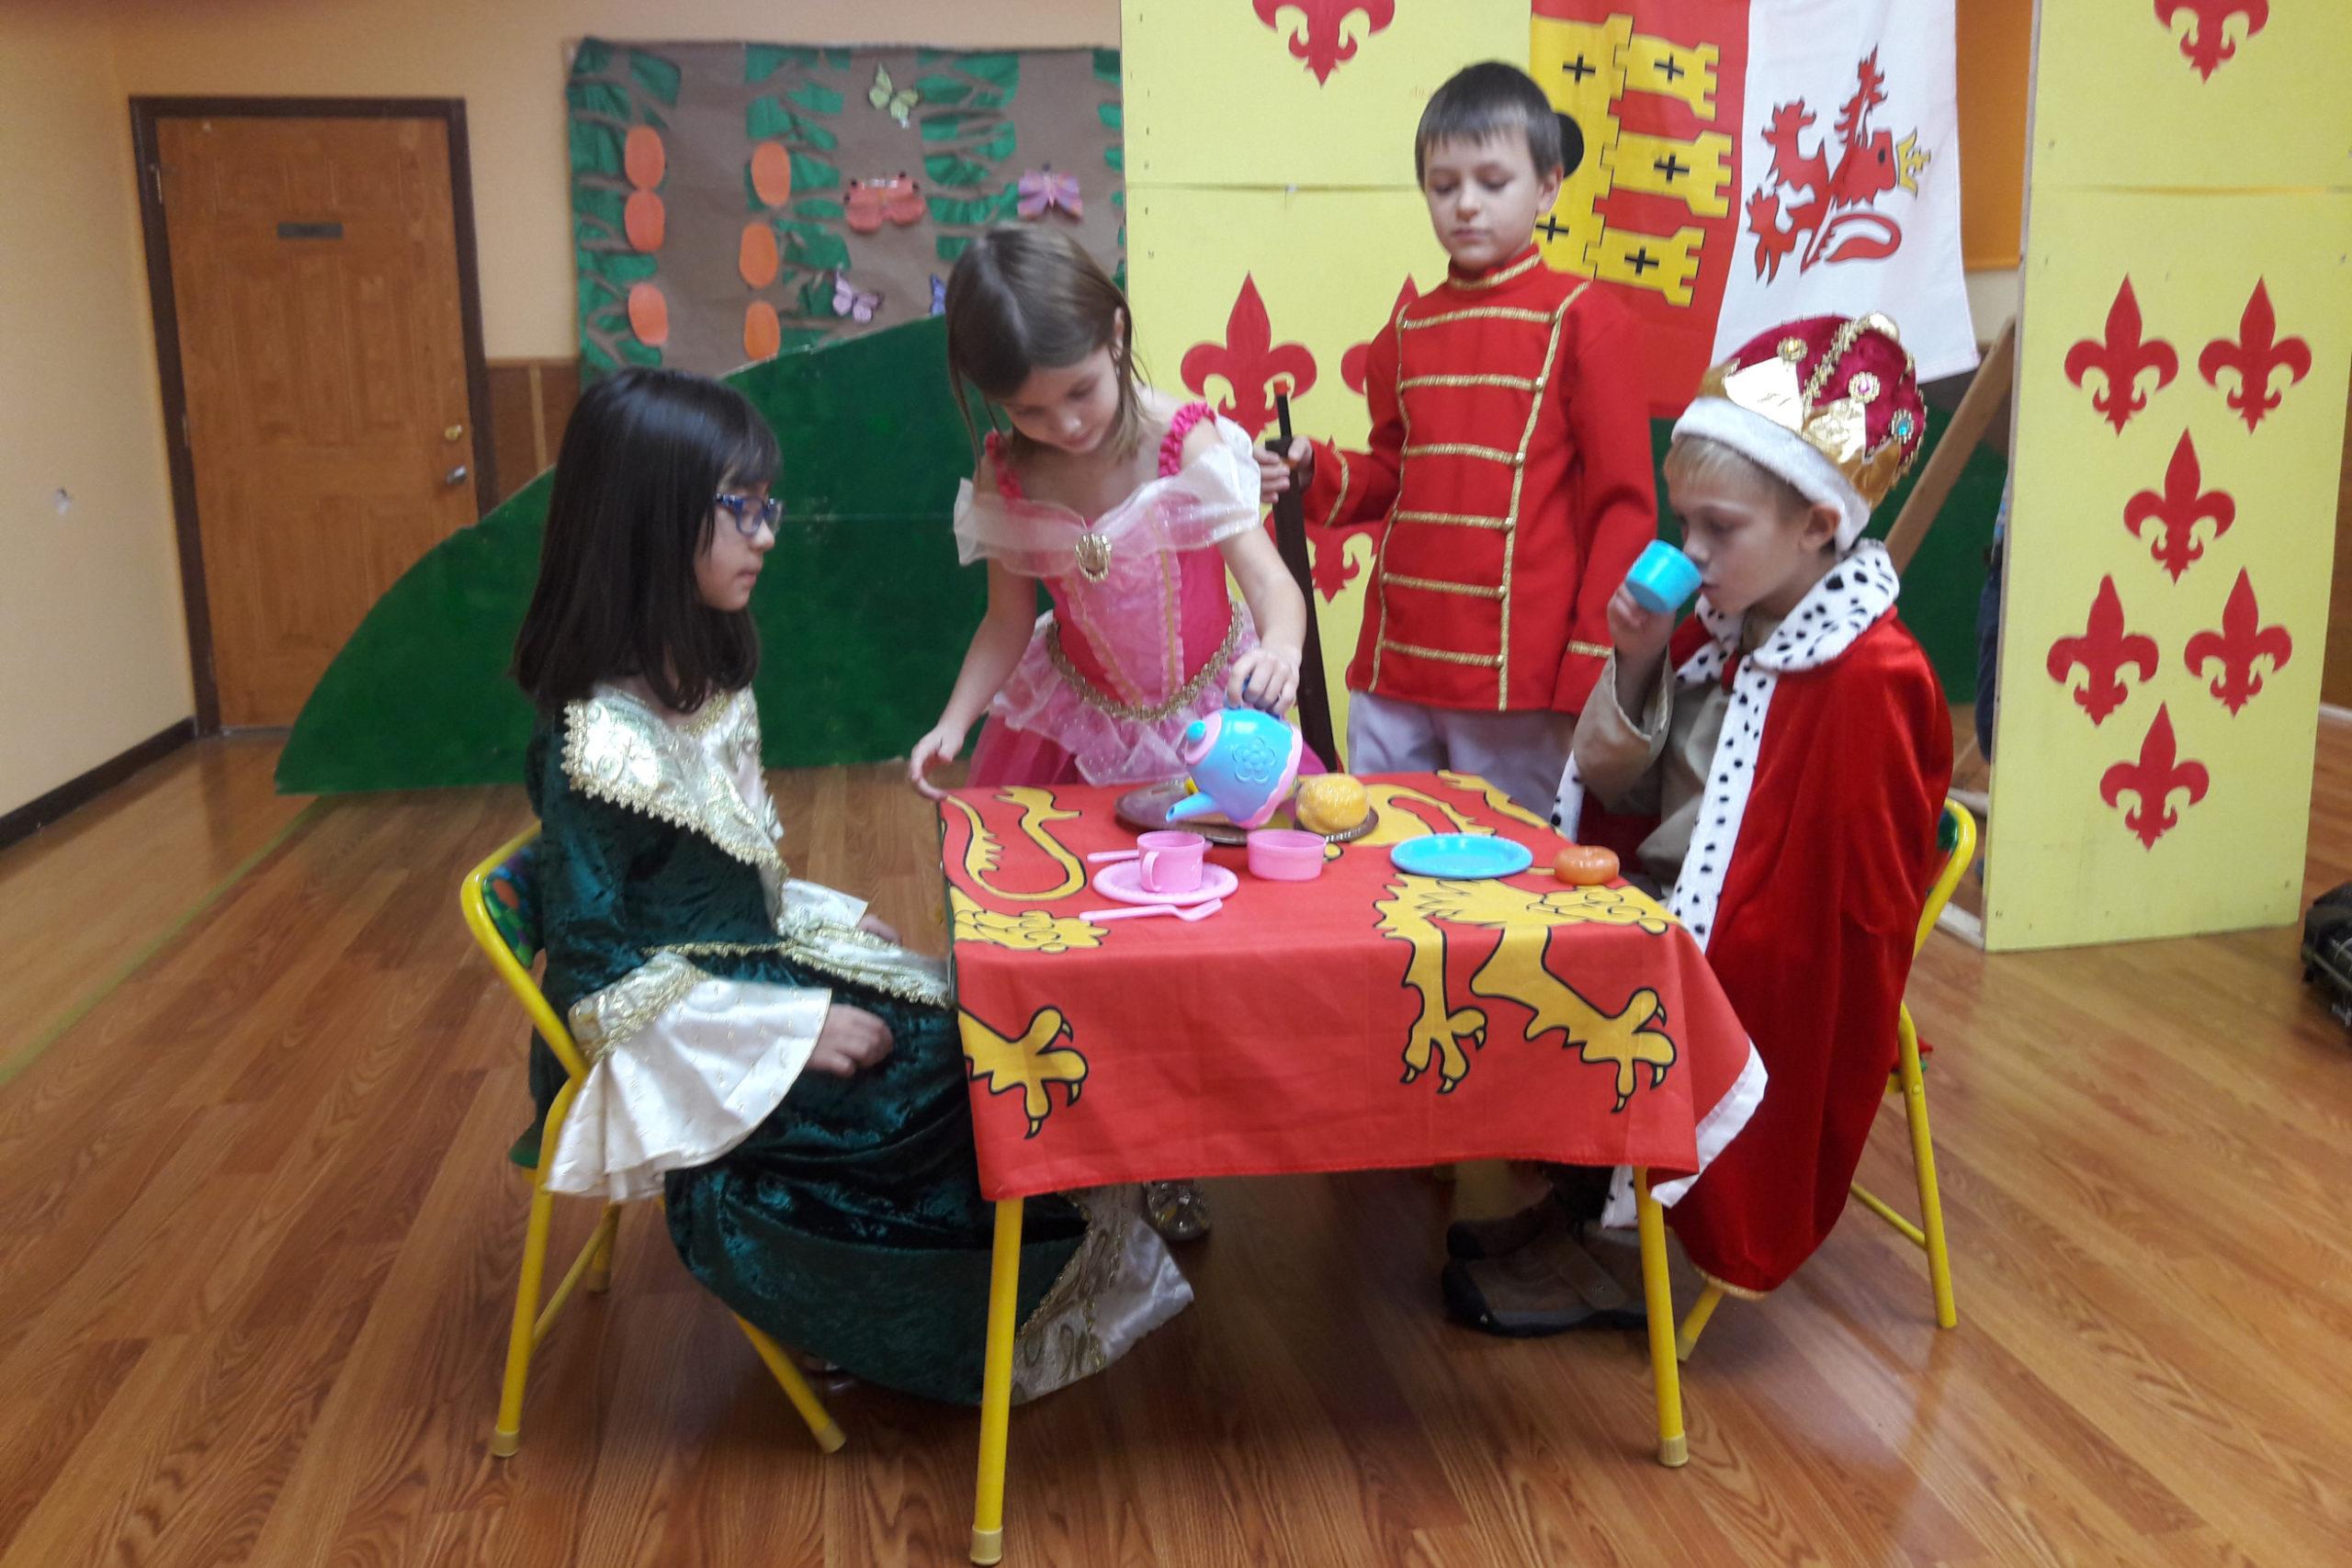 Russian Childrens Theater Studio Malenkaya Kompaniya